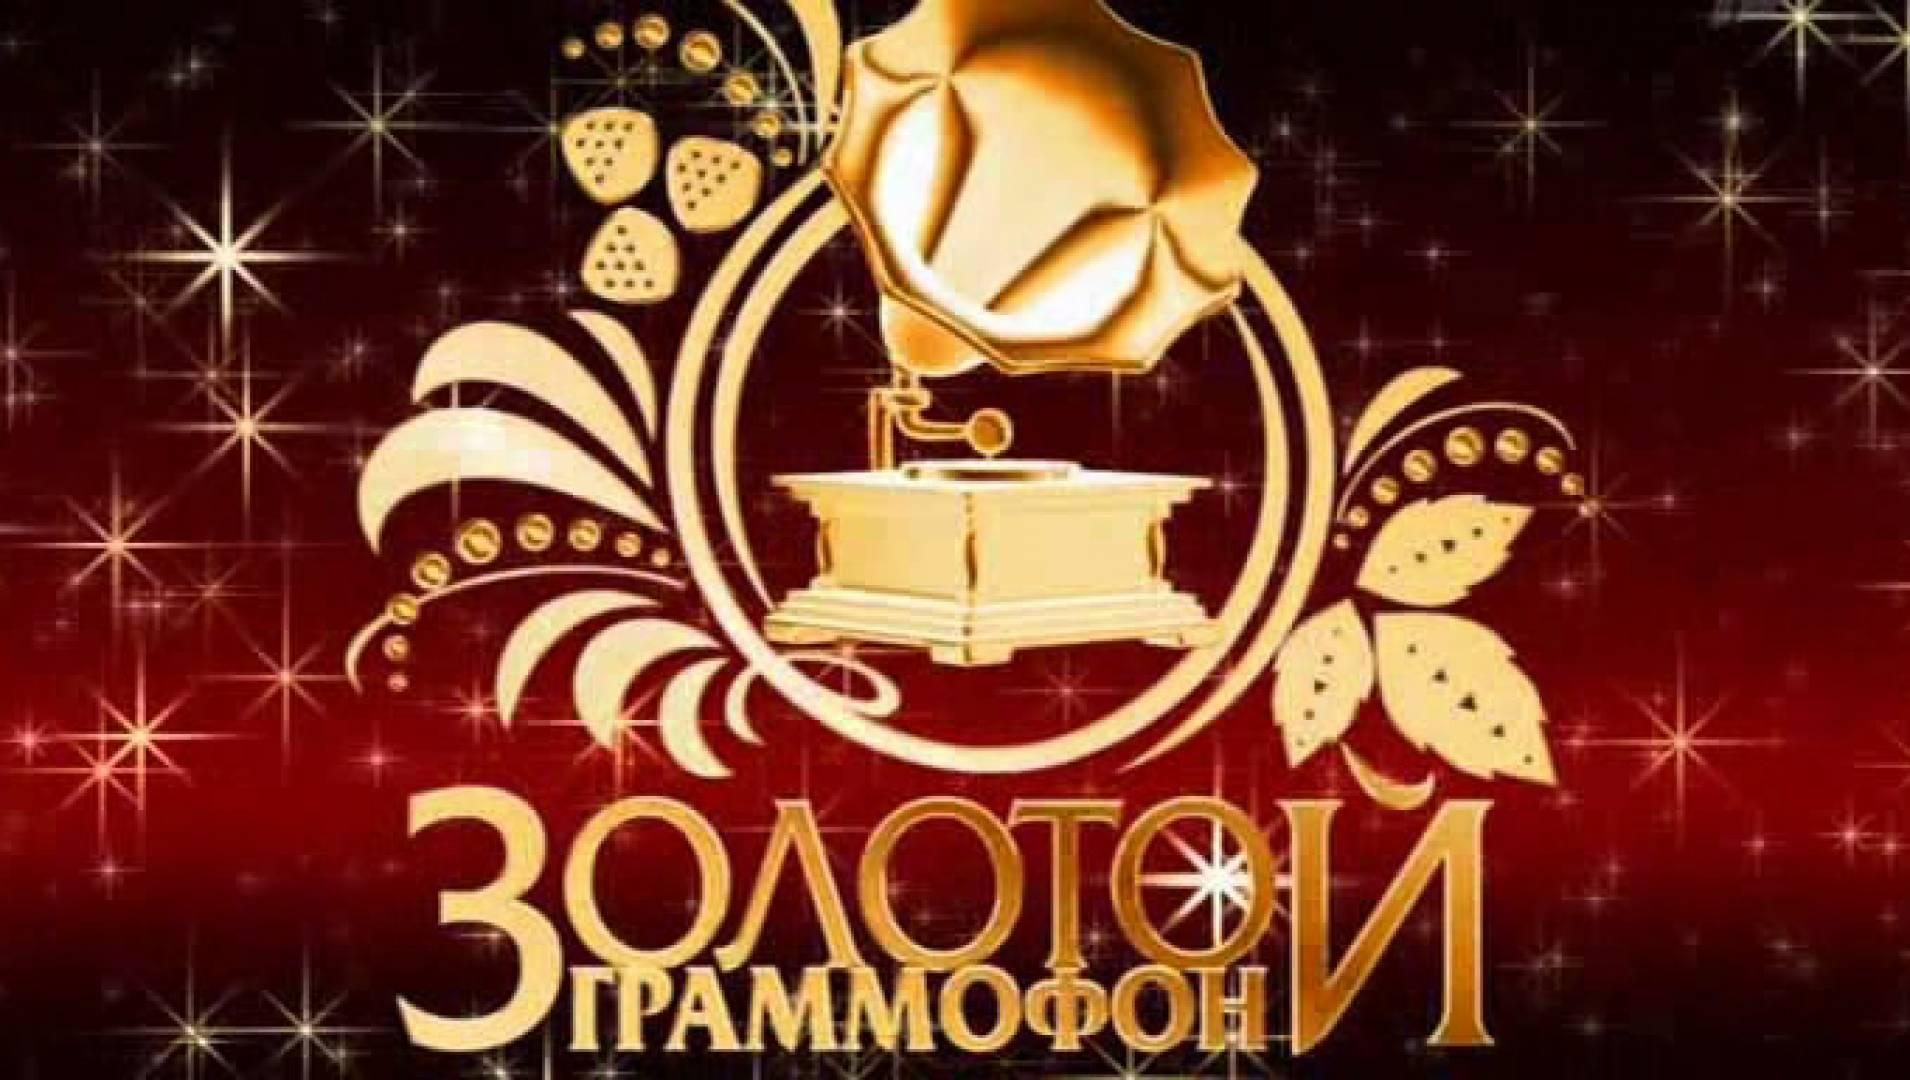 Церемония вручения народной премии Золотой Граммофон (2015) - ТВ-шоу